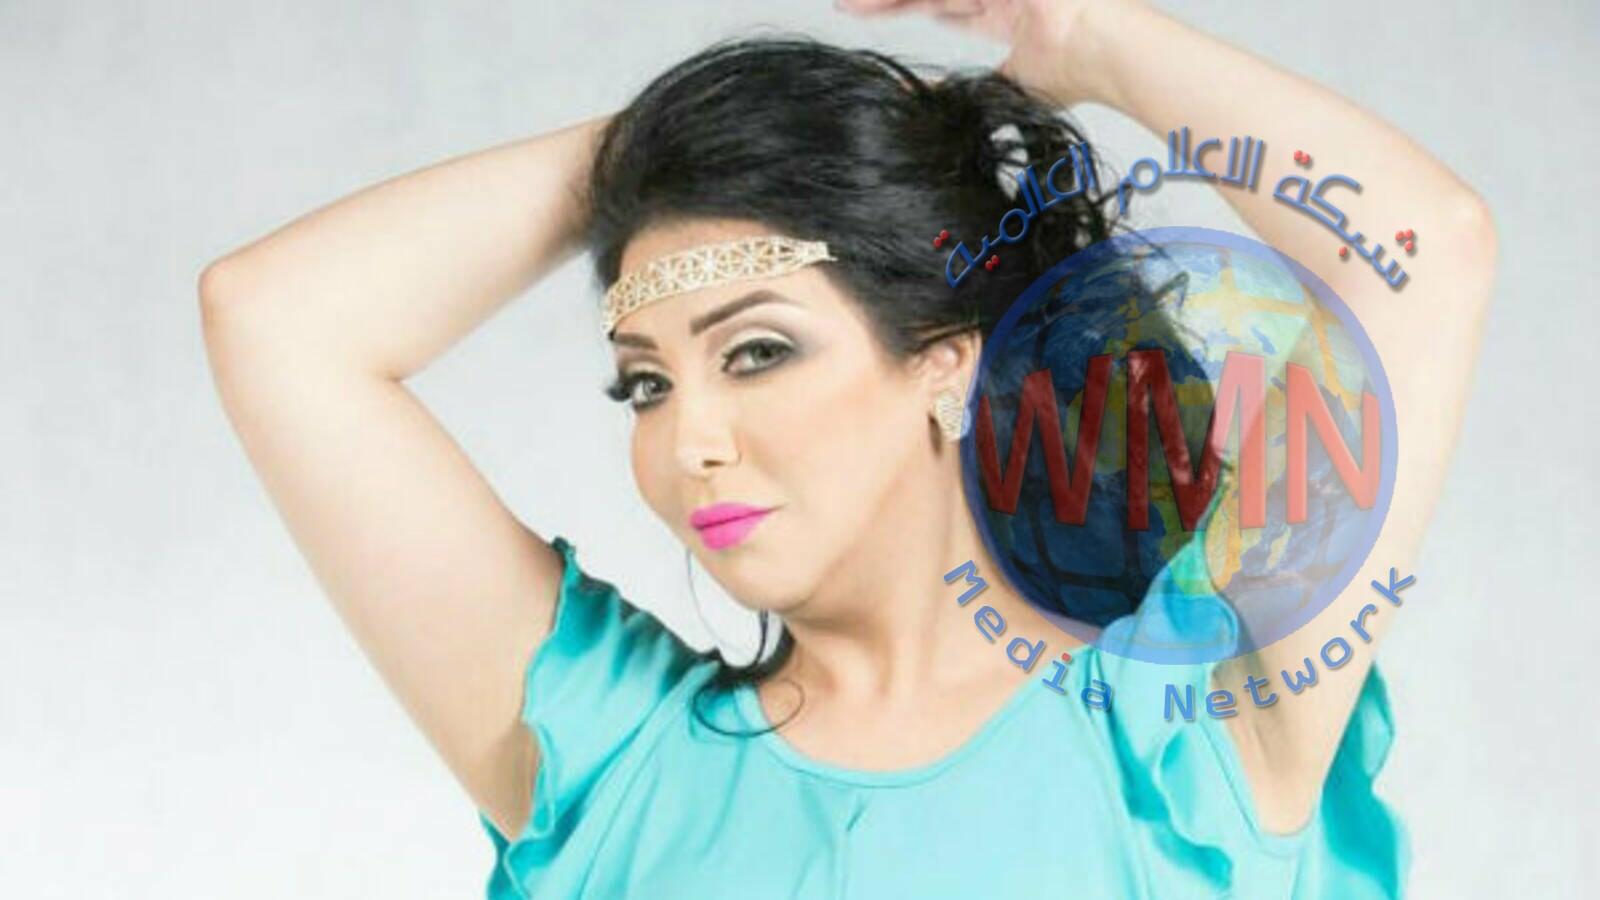 فنانة كويتية شهيرة تدخل المستشفى بعد تعرضها للتسمم وهذه تفاصيل حالتها الصحية!